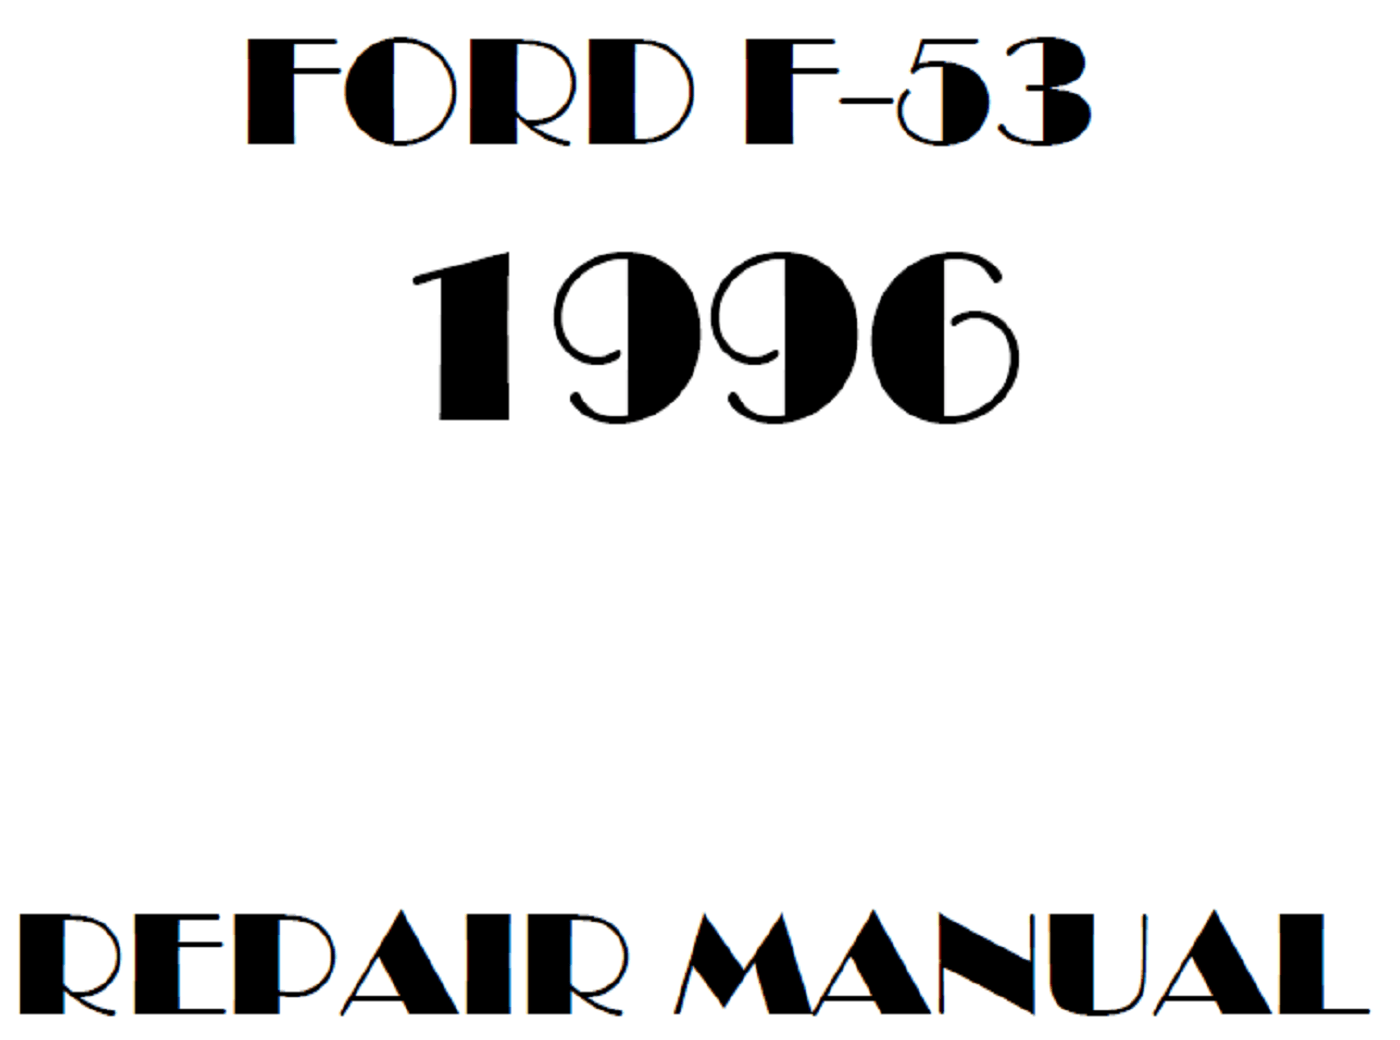 1996 Ford F53 repair manual